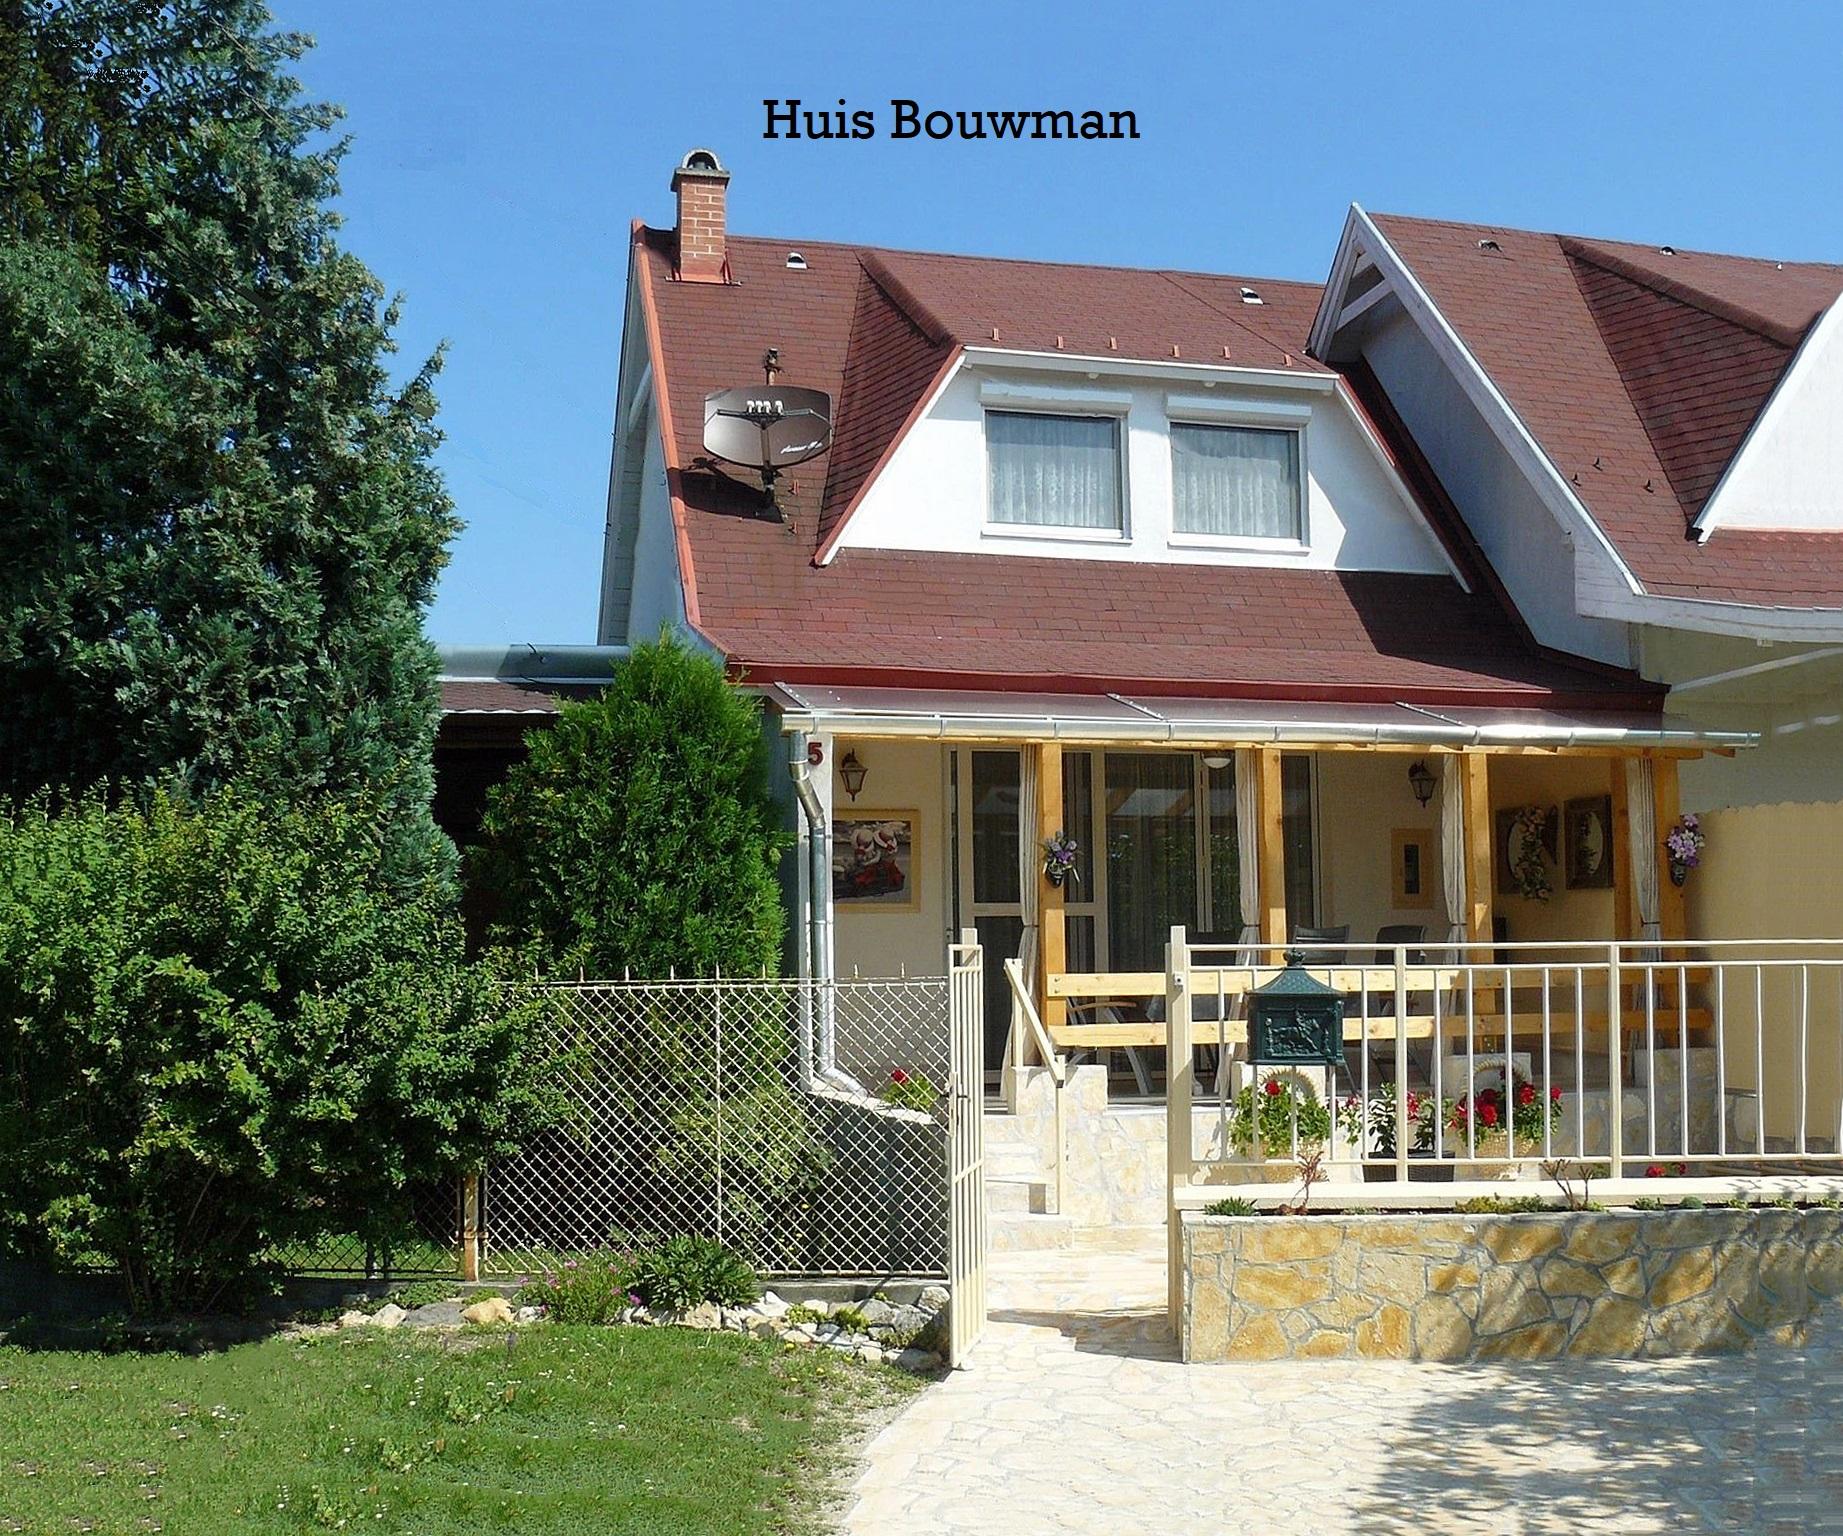 Huis Bouwman ons huis uw vakantie